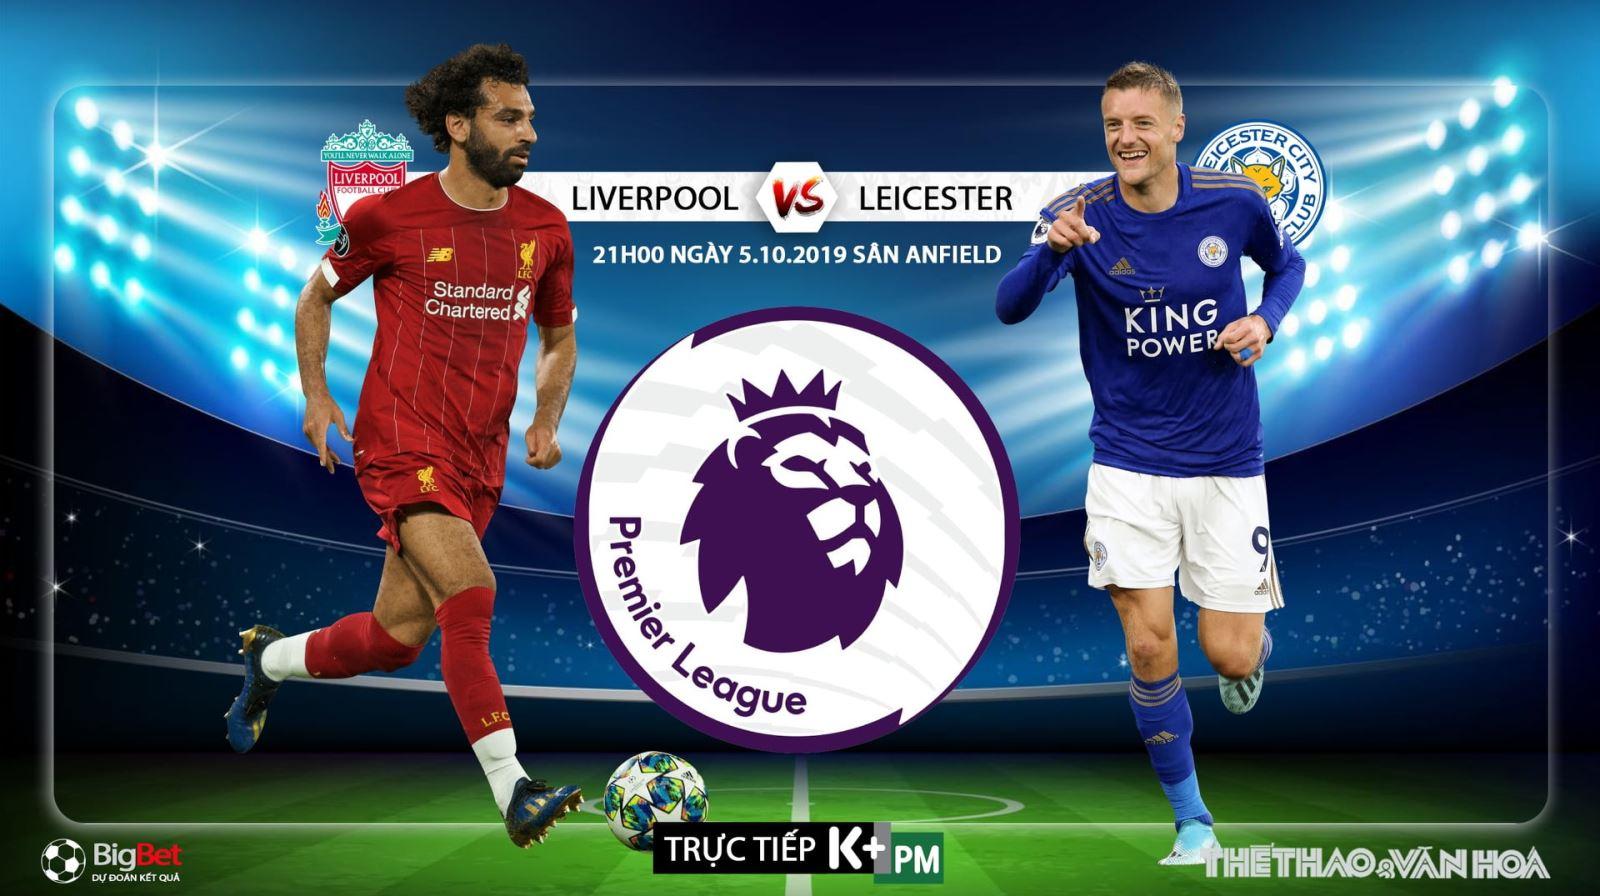 Soi kèo Liverpool vs Leicester (21h00 ngày 5/10). Vòng 8 Giải ngoại hạng Anh. Trực tiếp K+PM